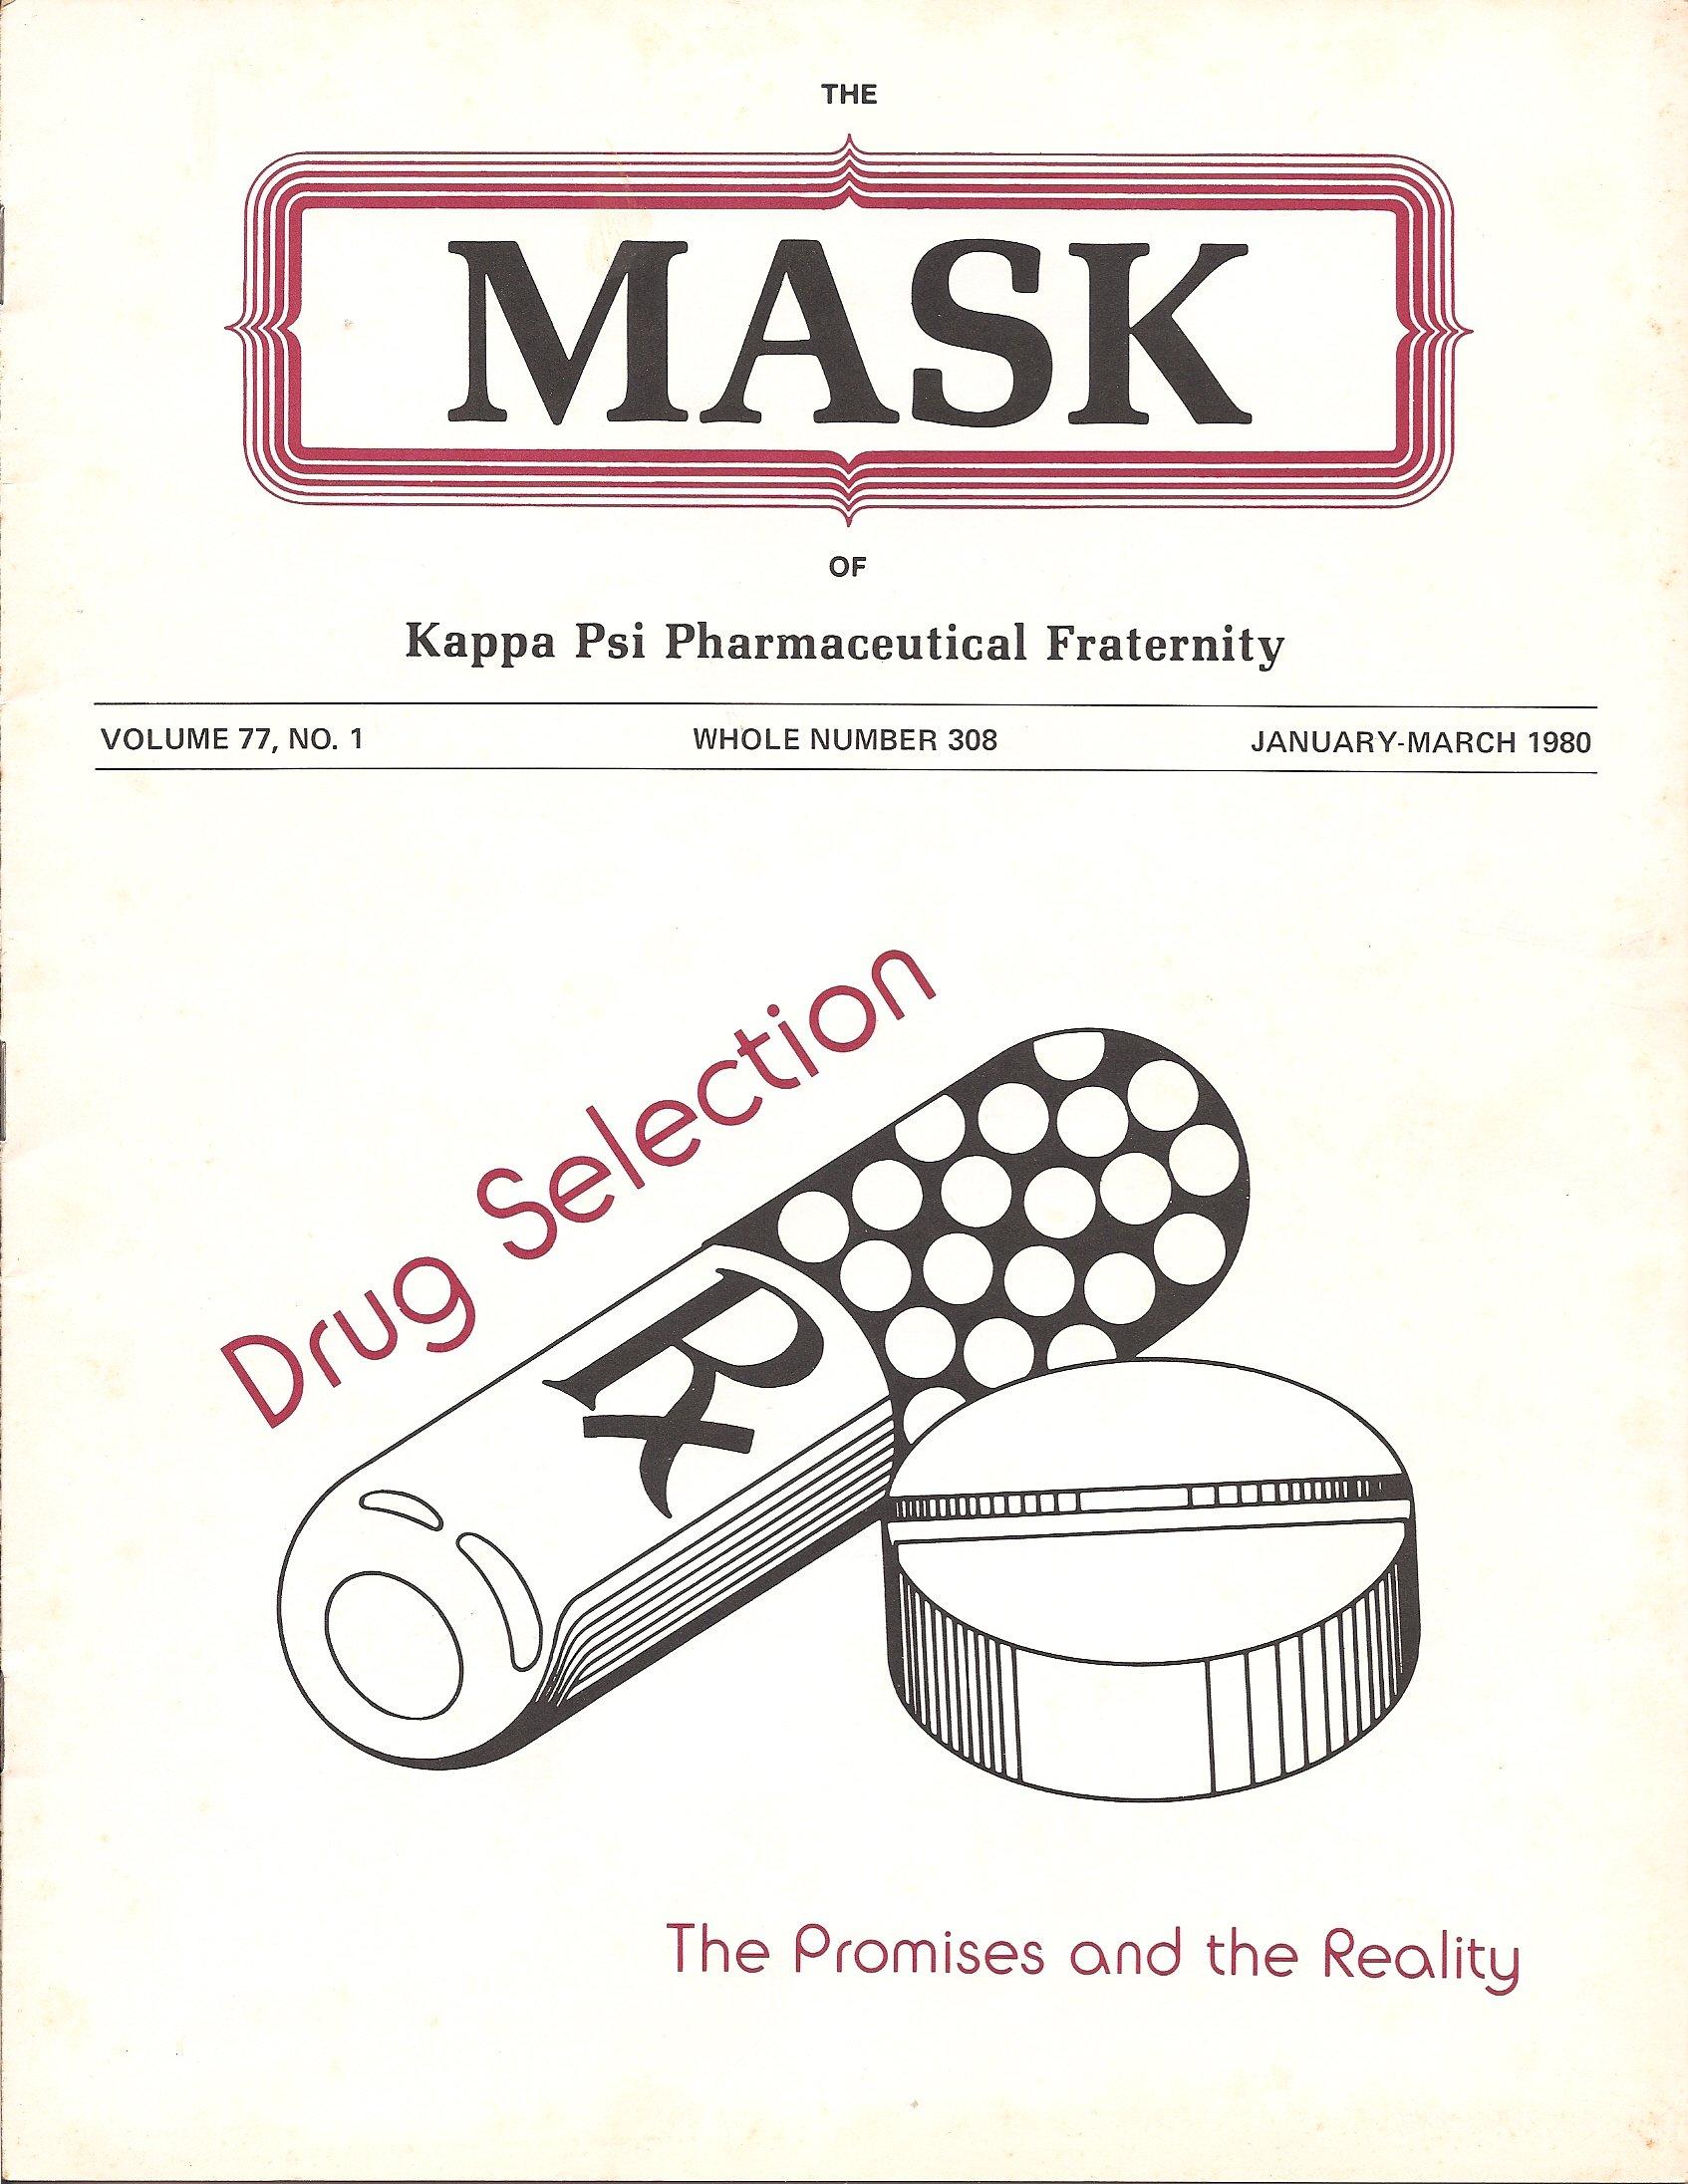 mask_cover_01_1980.jpg